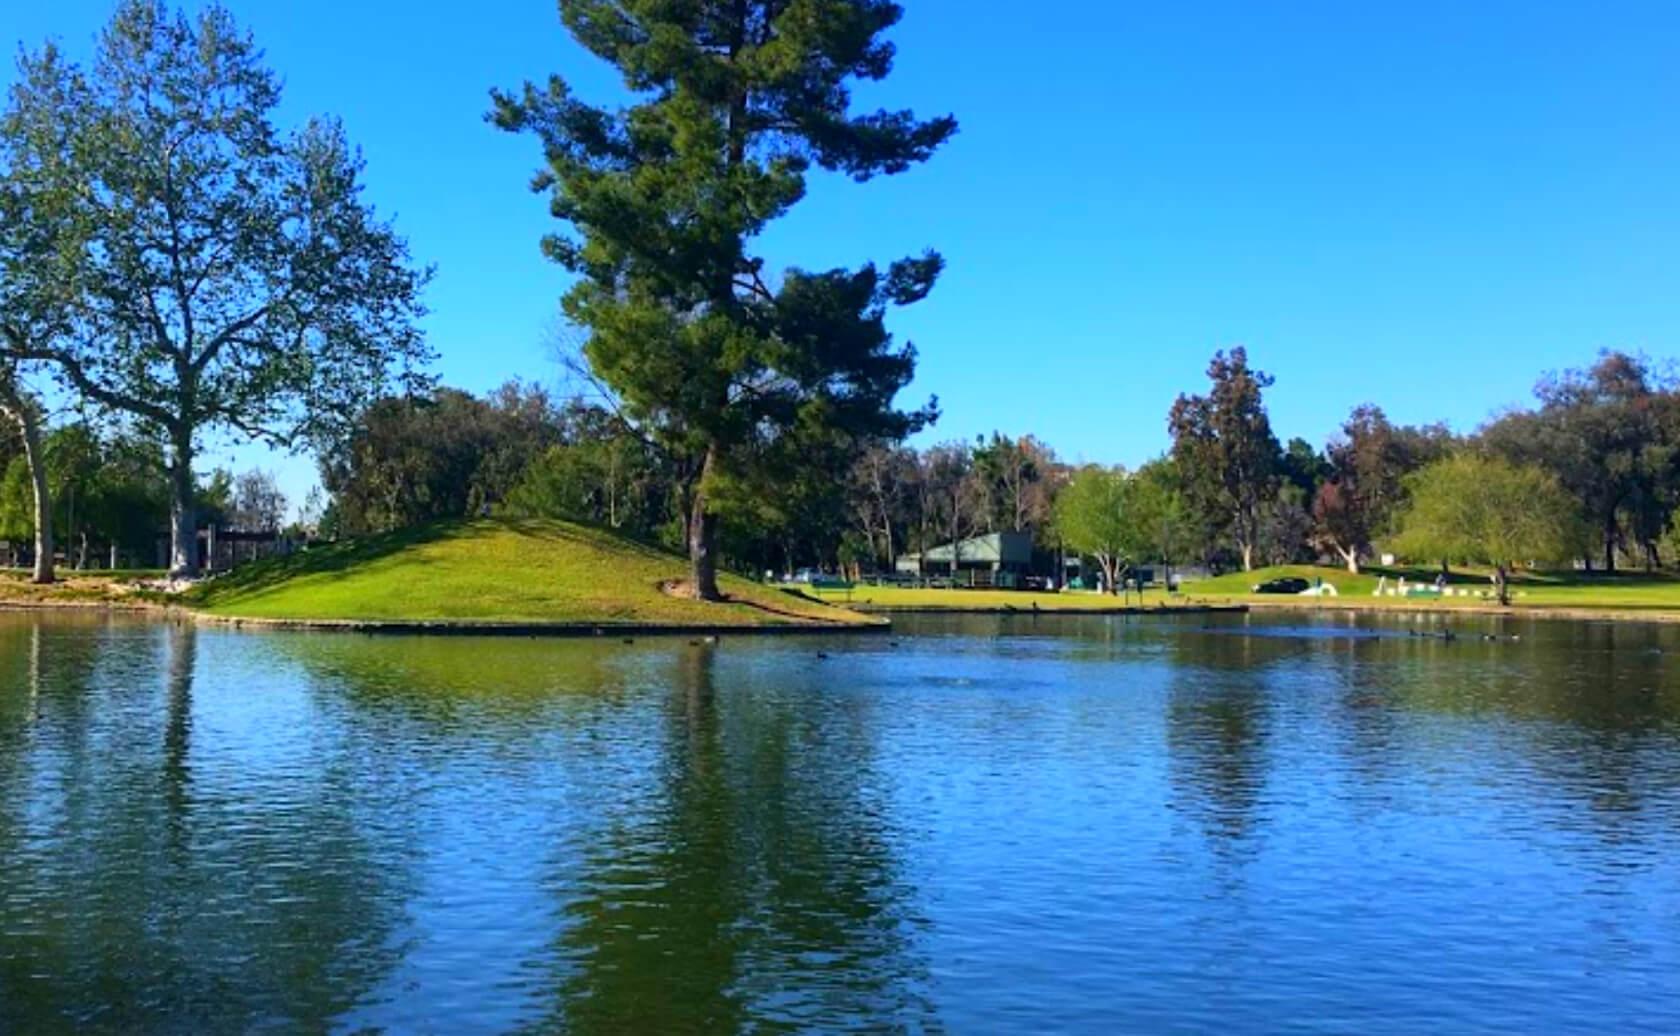 Clark-Regional-Park-Lake-Fishing-Guide-Report-Buena-Park-CA-02